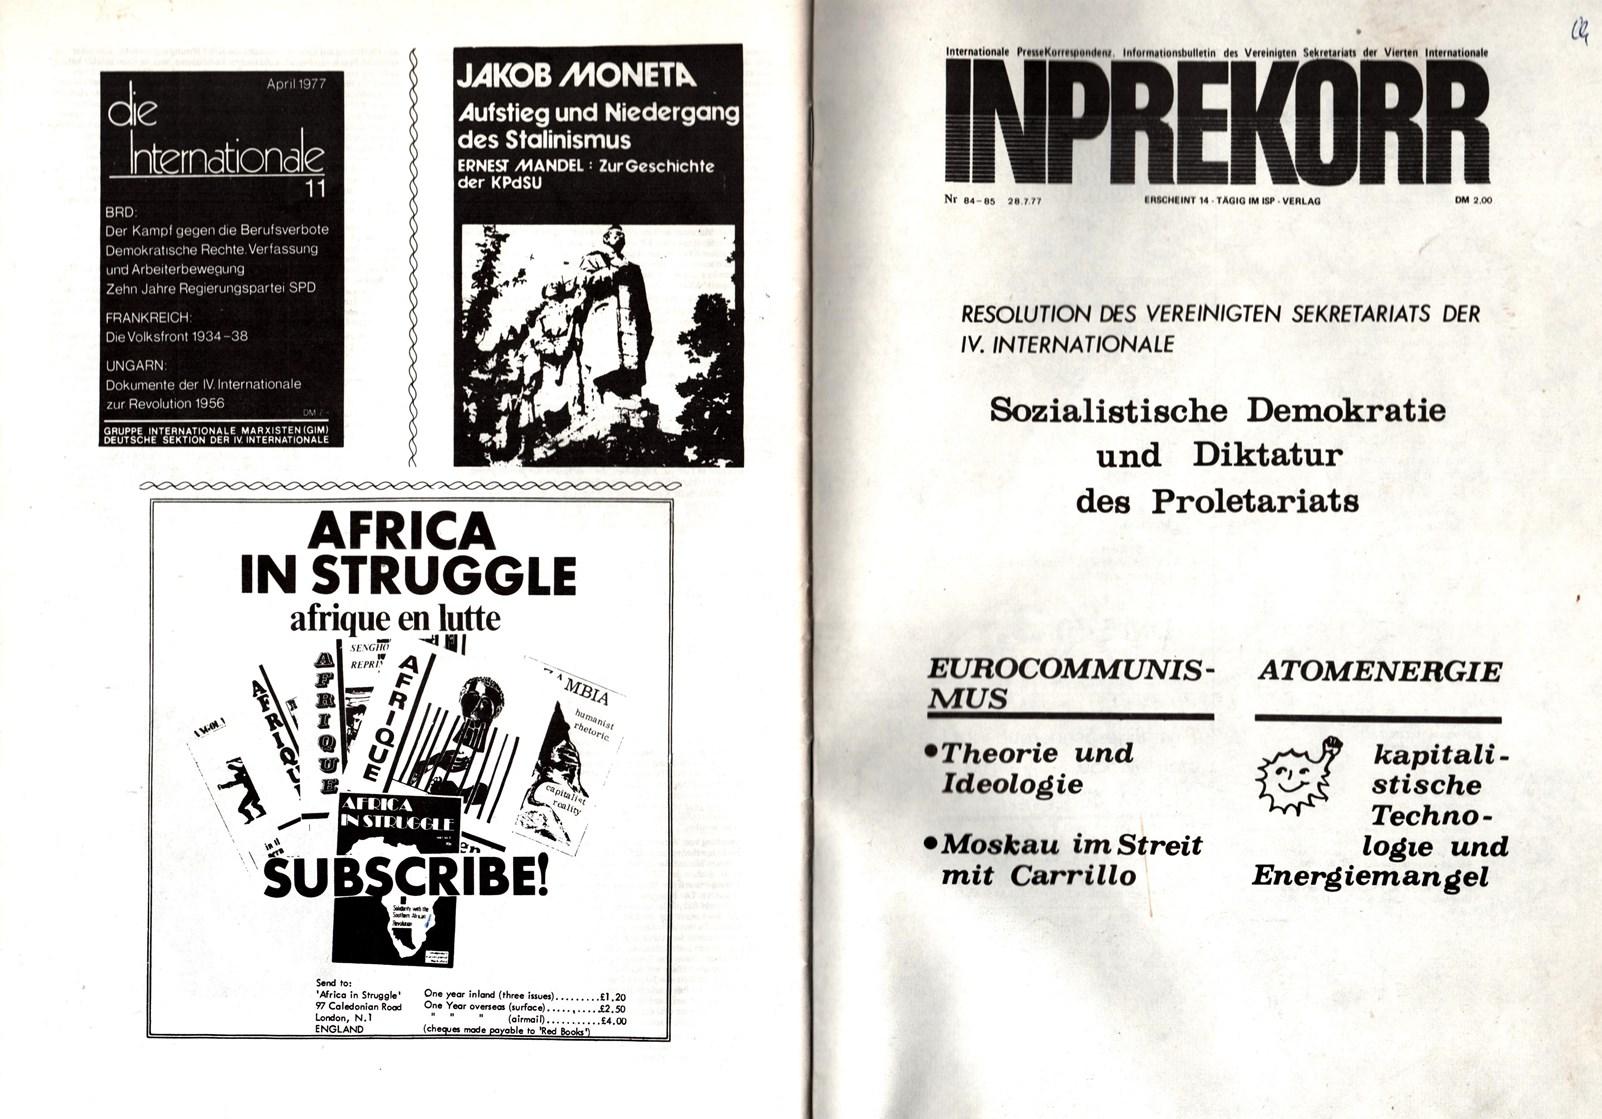 Inprekorr_19770728_084_085_001